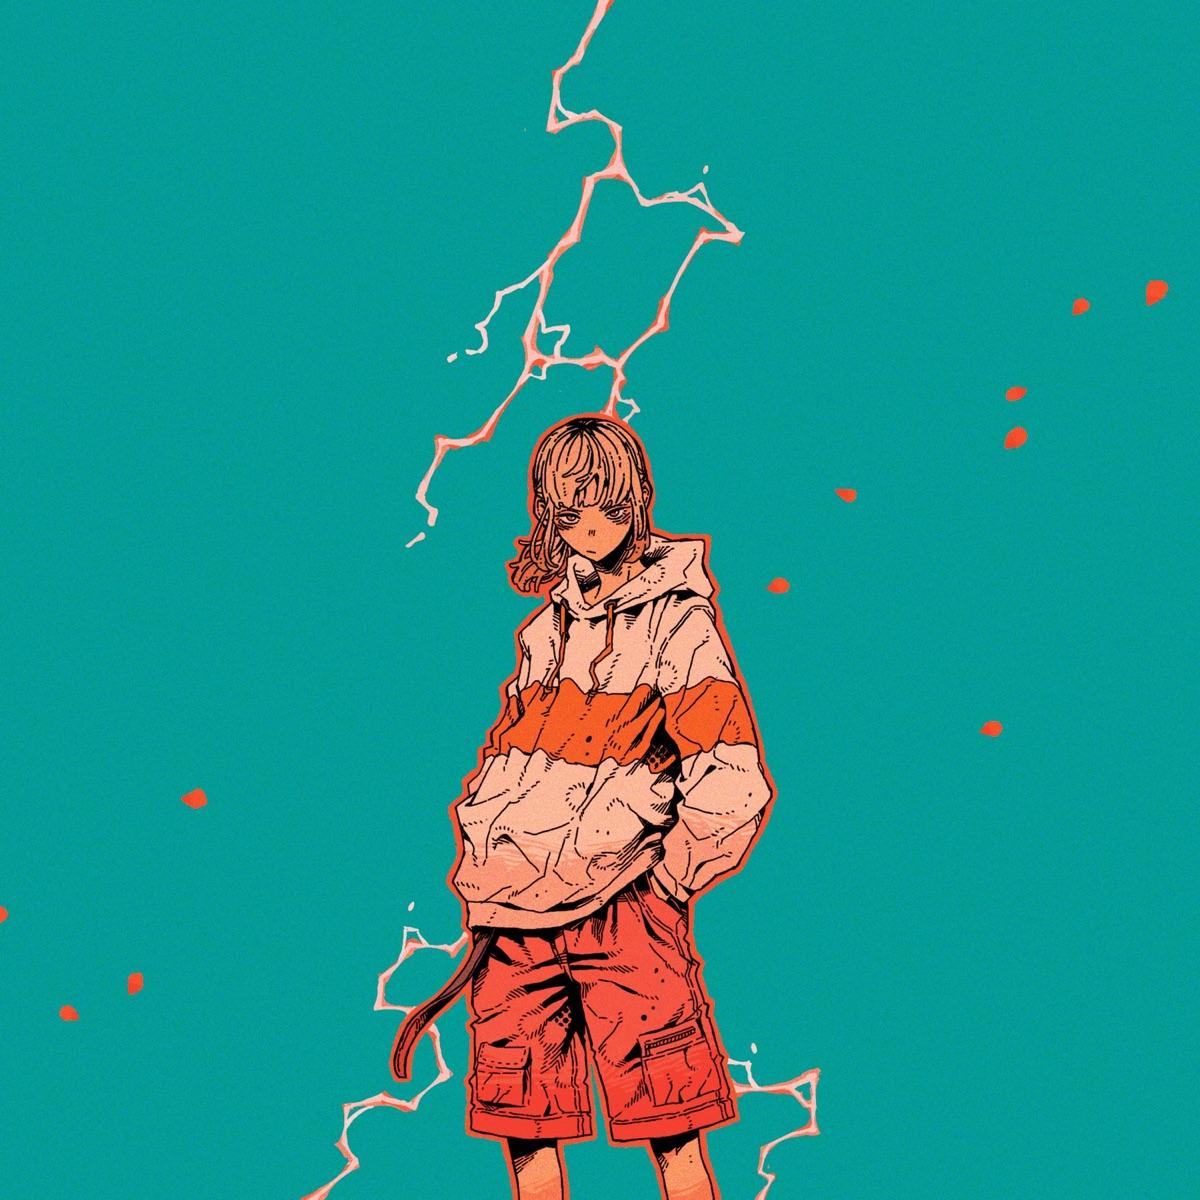 『ナナヲアカリ - 雷火』収録の『雷火/魔法』ジャケット